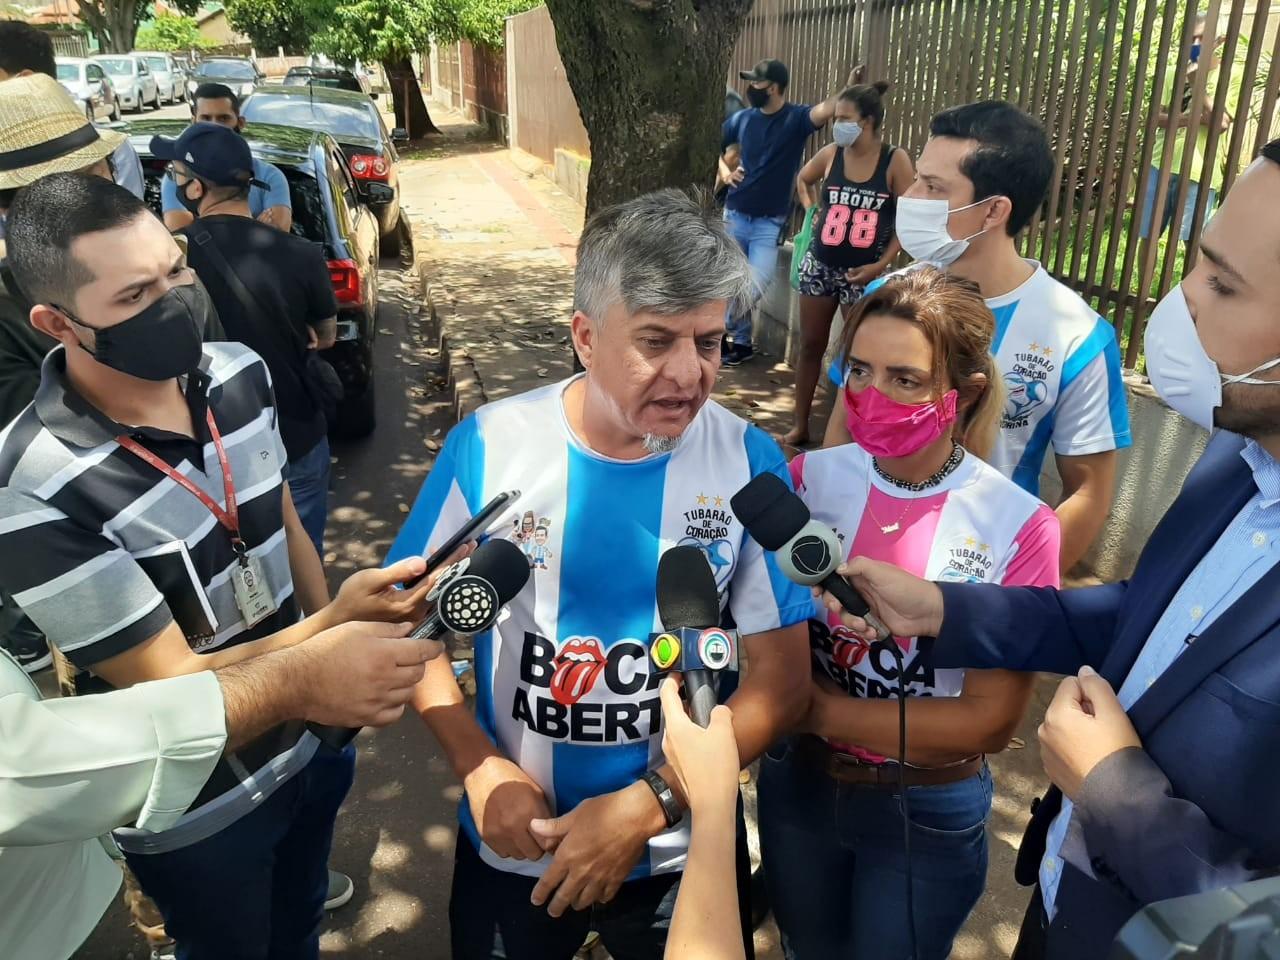 Condenado por perturbação de sossego, deputado Boca Aberta se apresenta para cumprir pena